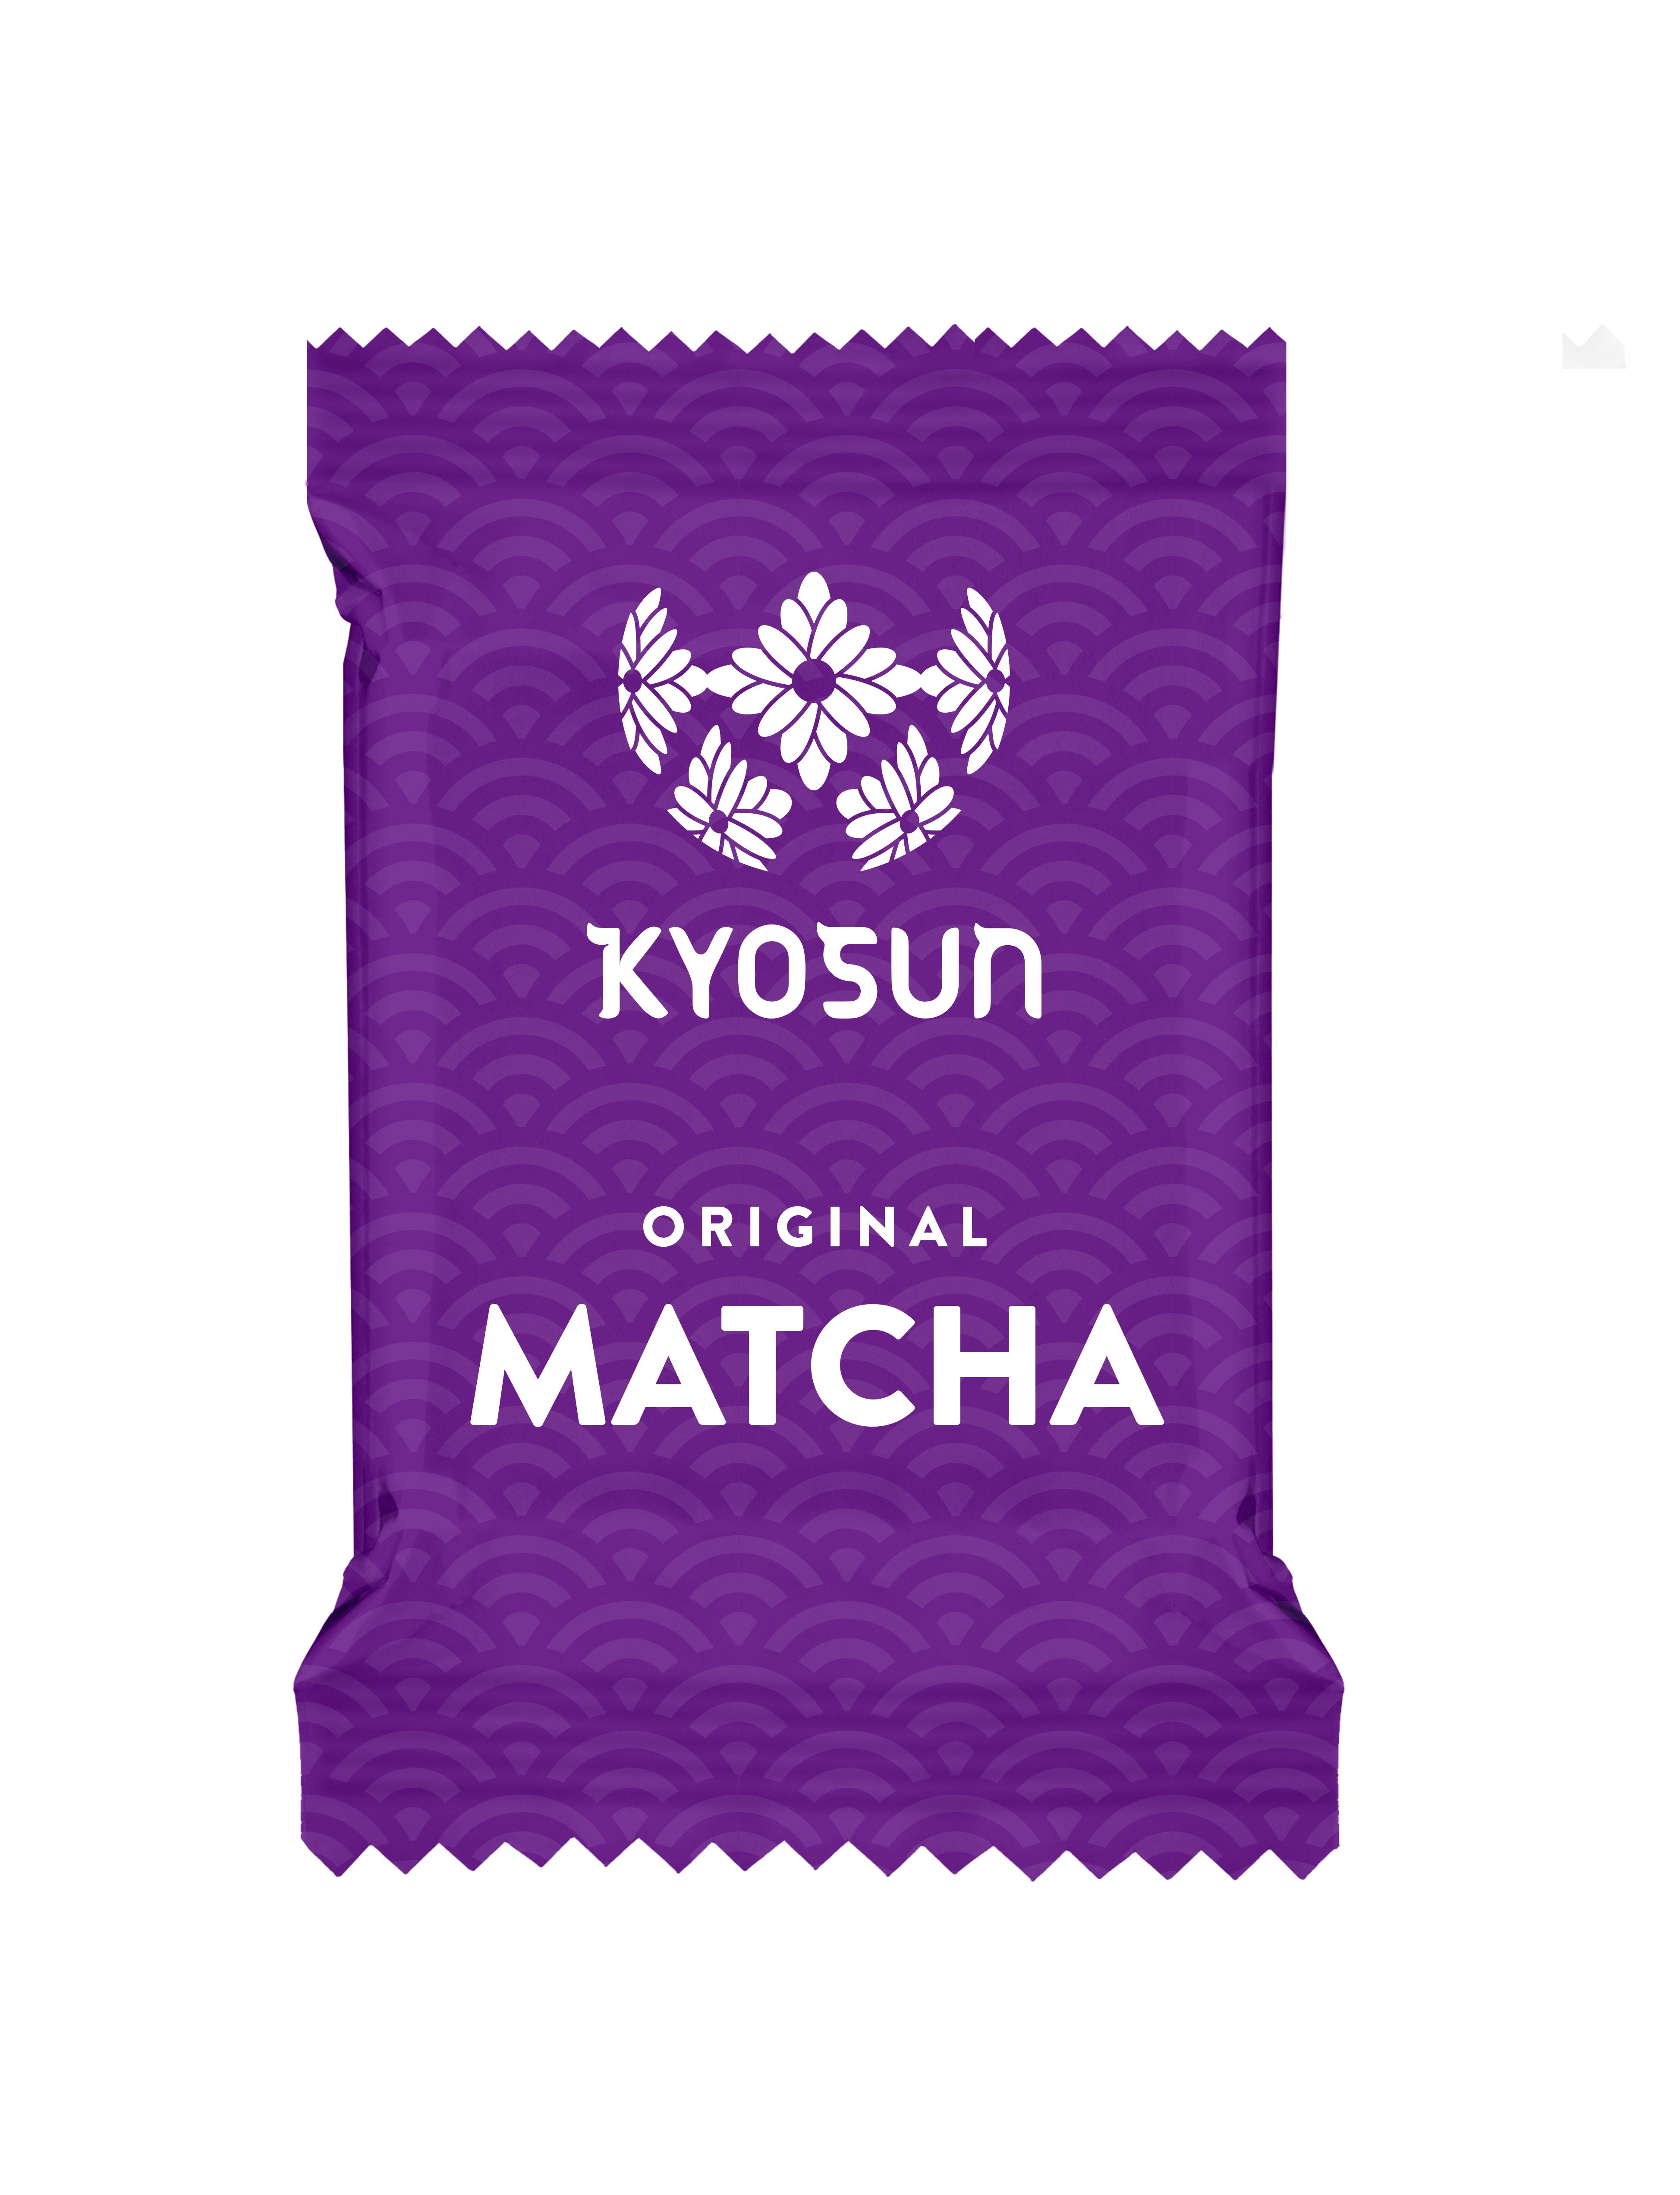 kyosun-2g_sacek_vizualizace